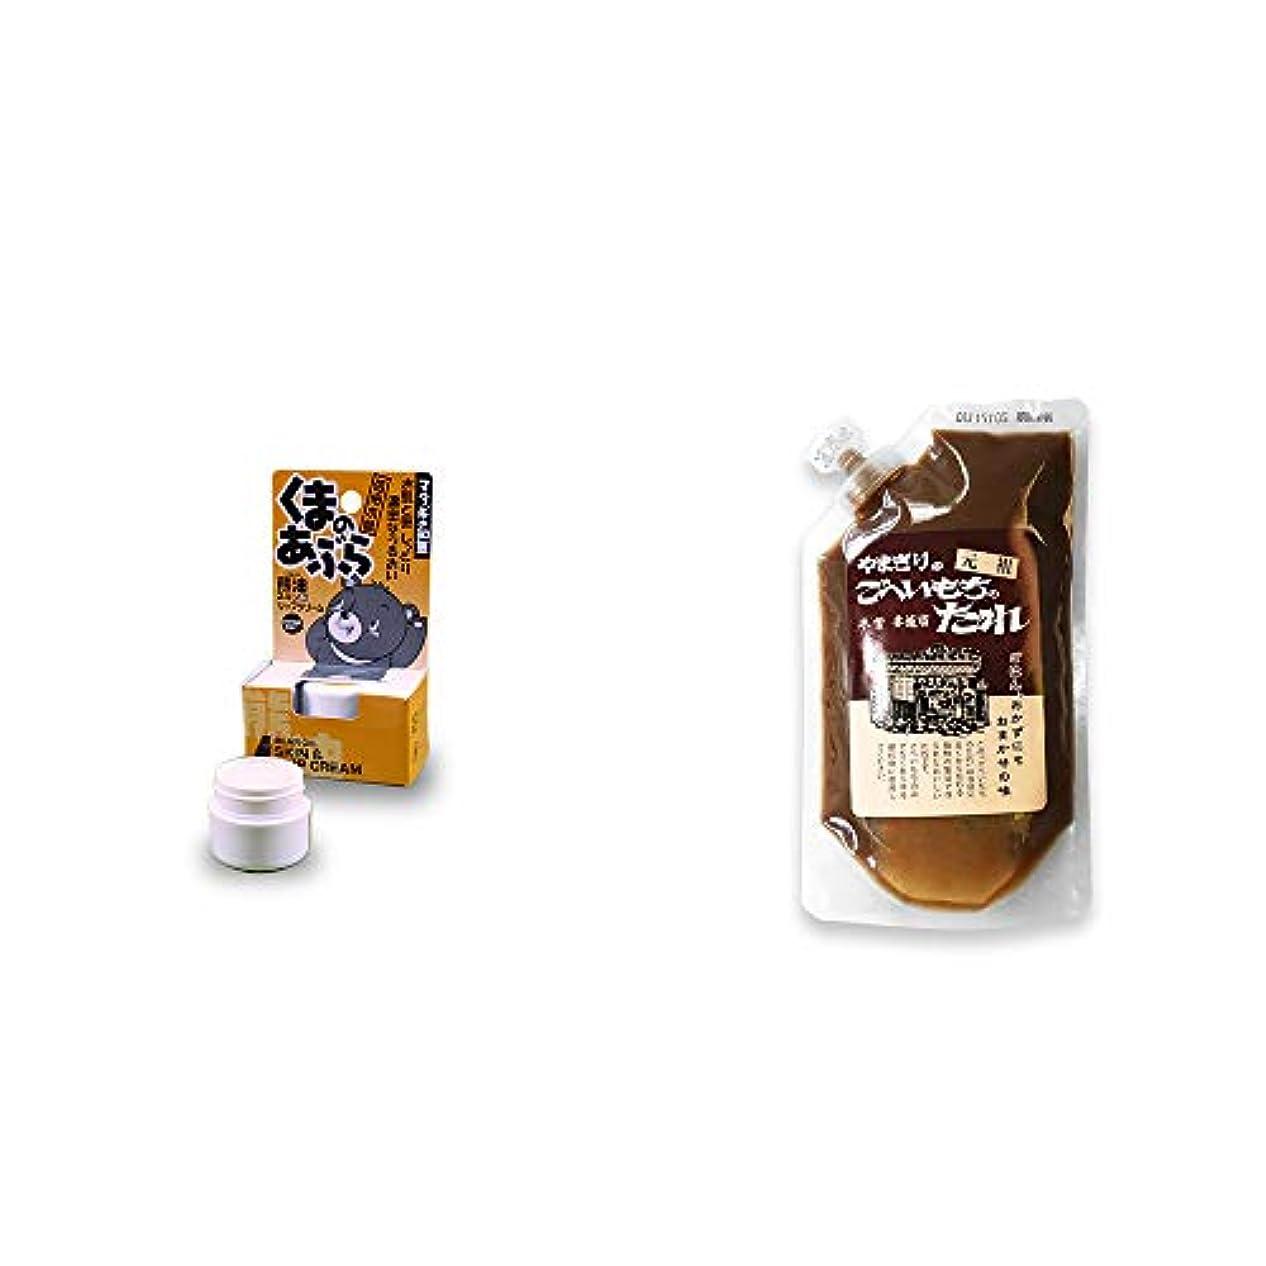 速度透明に研究[2点セット] 信州木曽 くまのあぶら 熊油スキン&リップクリーム(9g)?妻籠宿 やまぎり食堂 ごへい餅のたれ(250g)